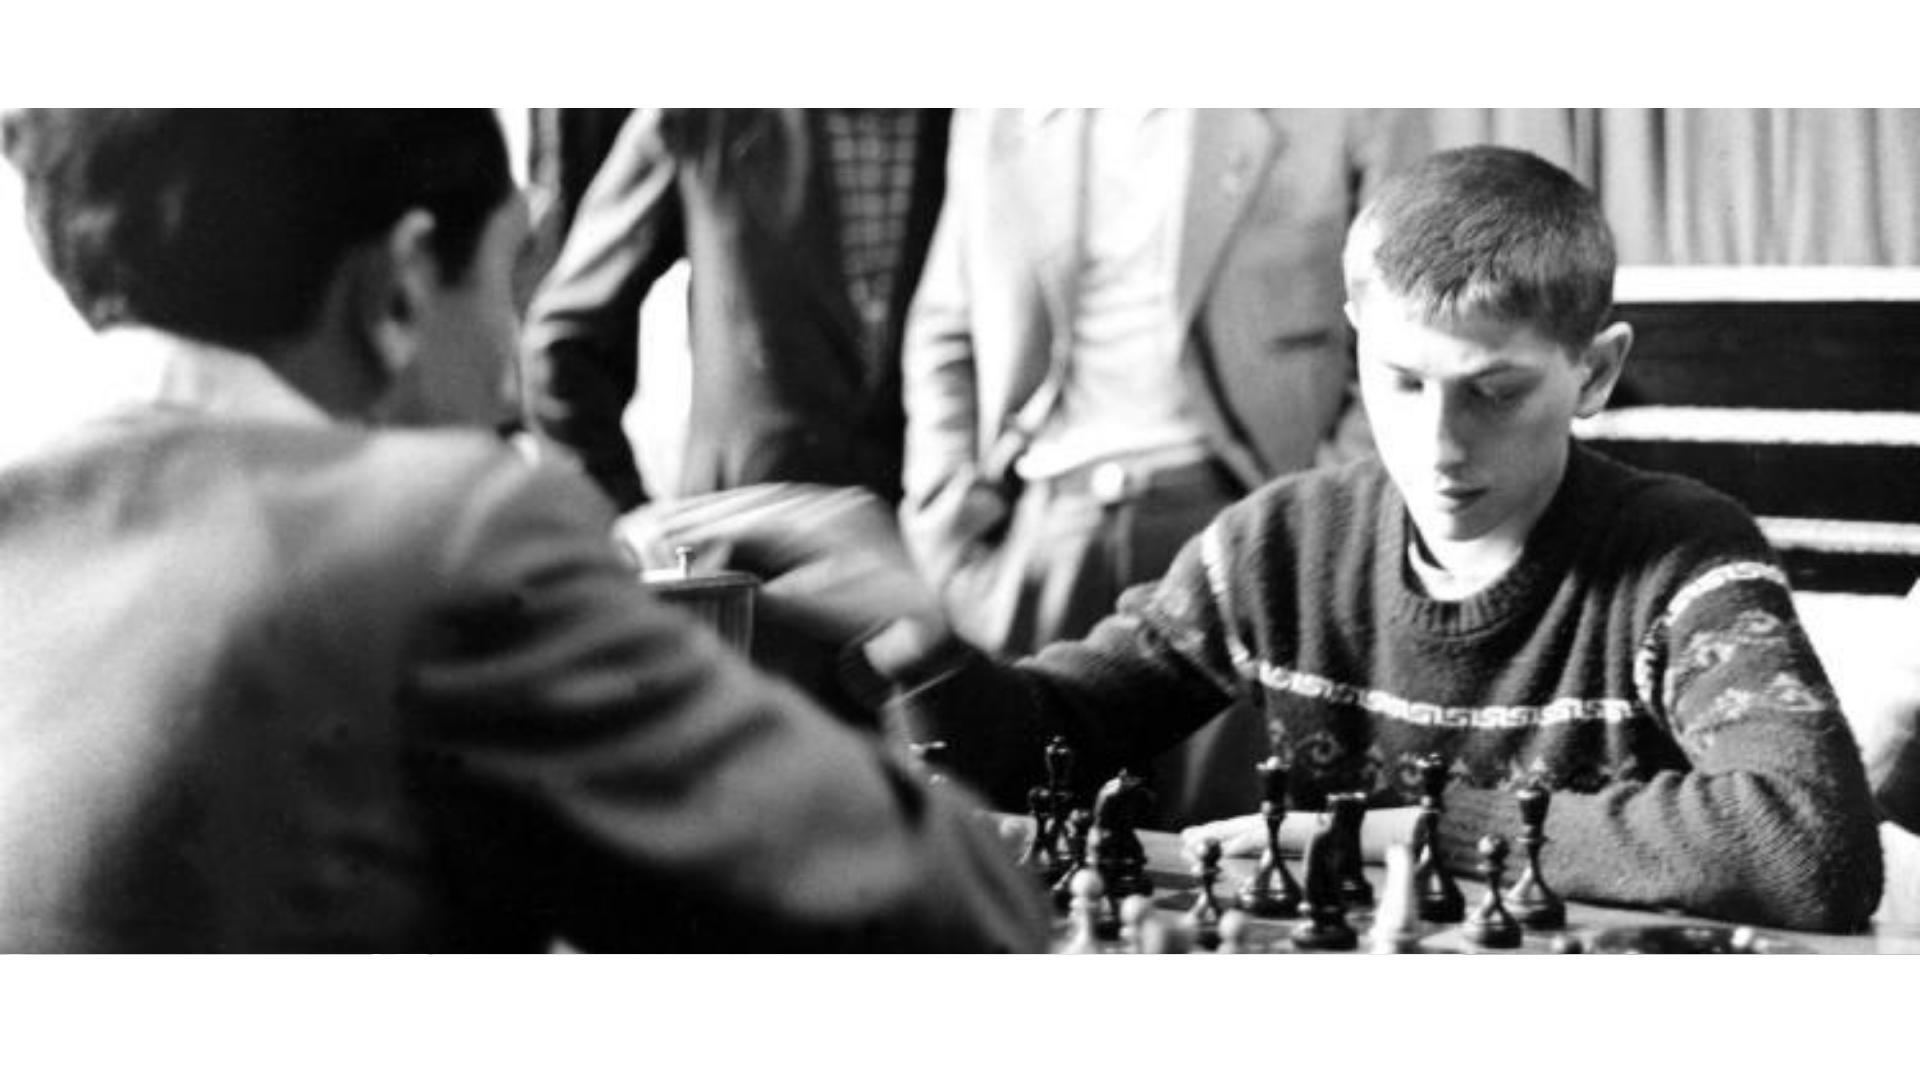 Bobby Fischer'a ait çocukluk görseli.